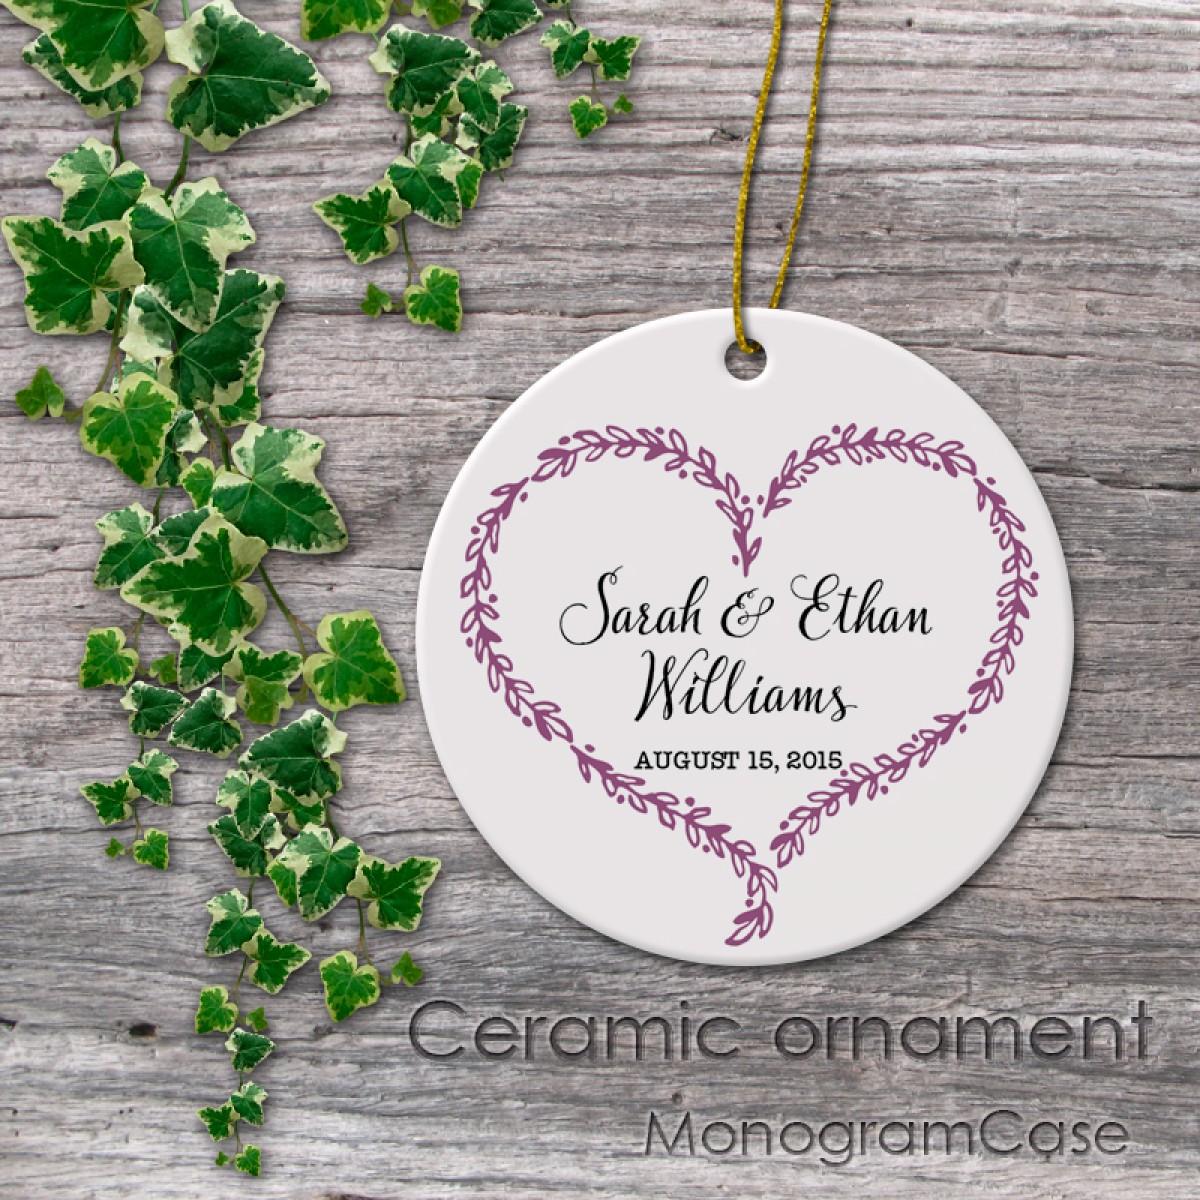 Heart Design Ceramic Ornament Happy Couple Names